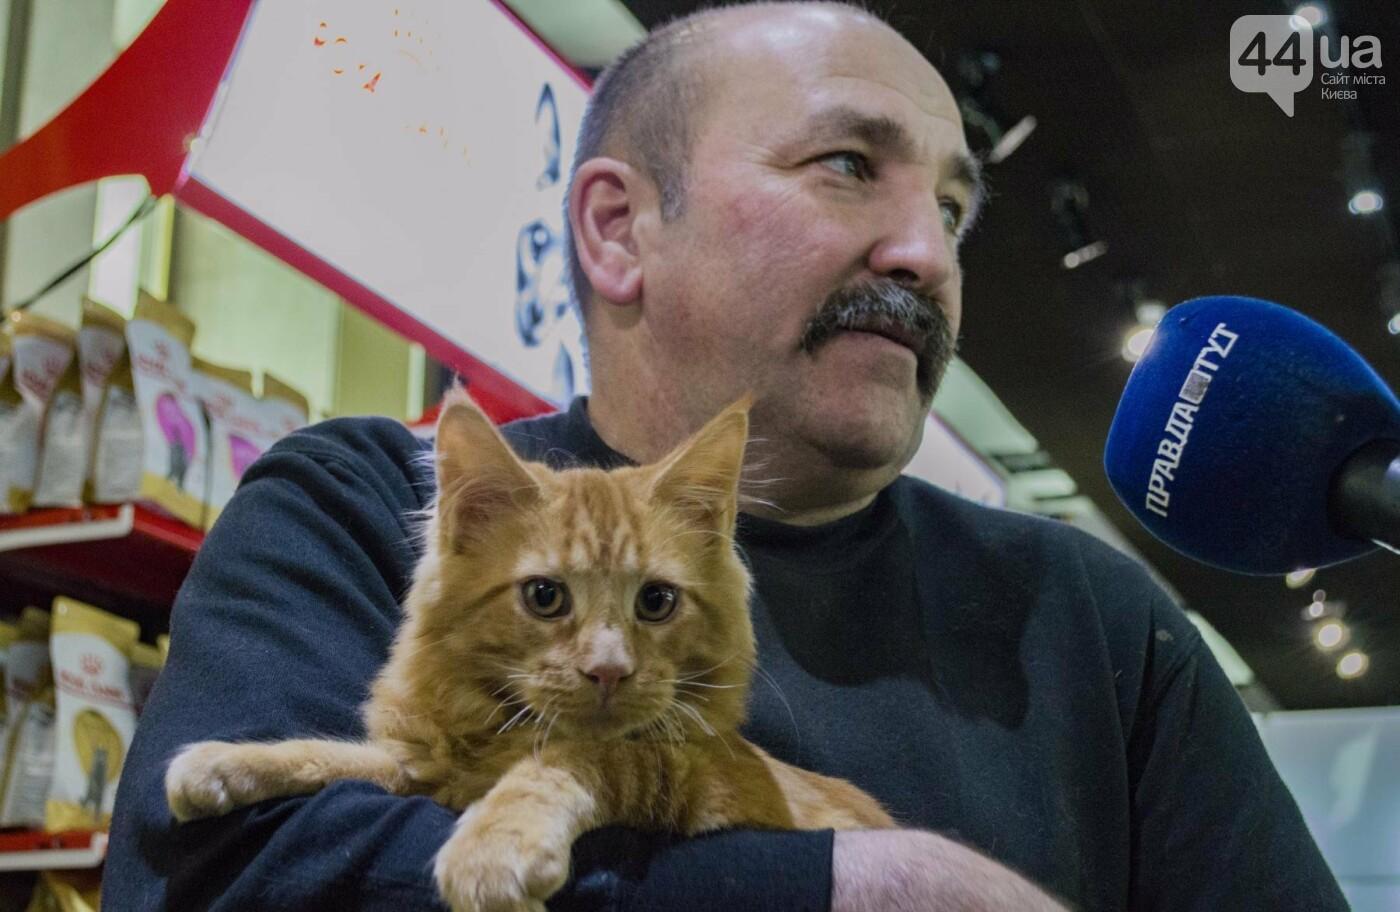 Битва гигантов: в Киеве соревновались коты-великаны, фото-14